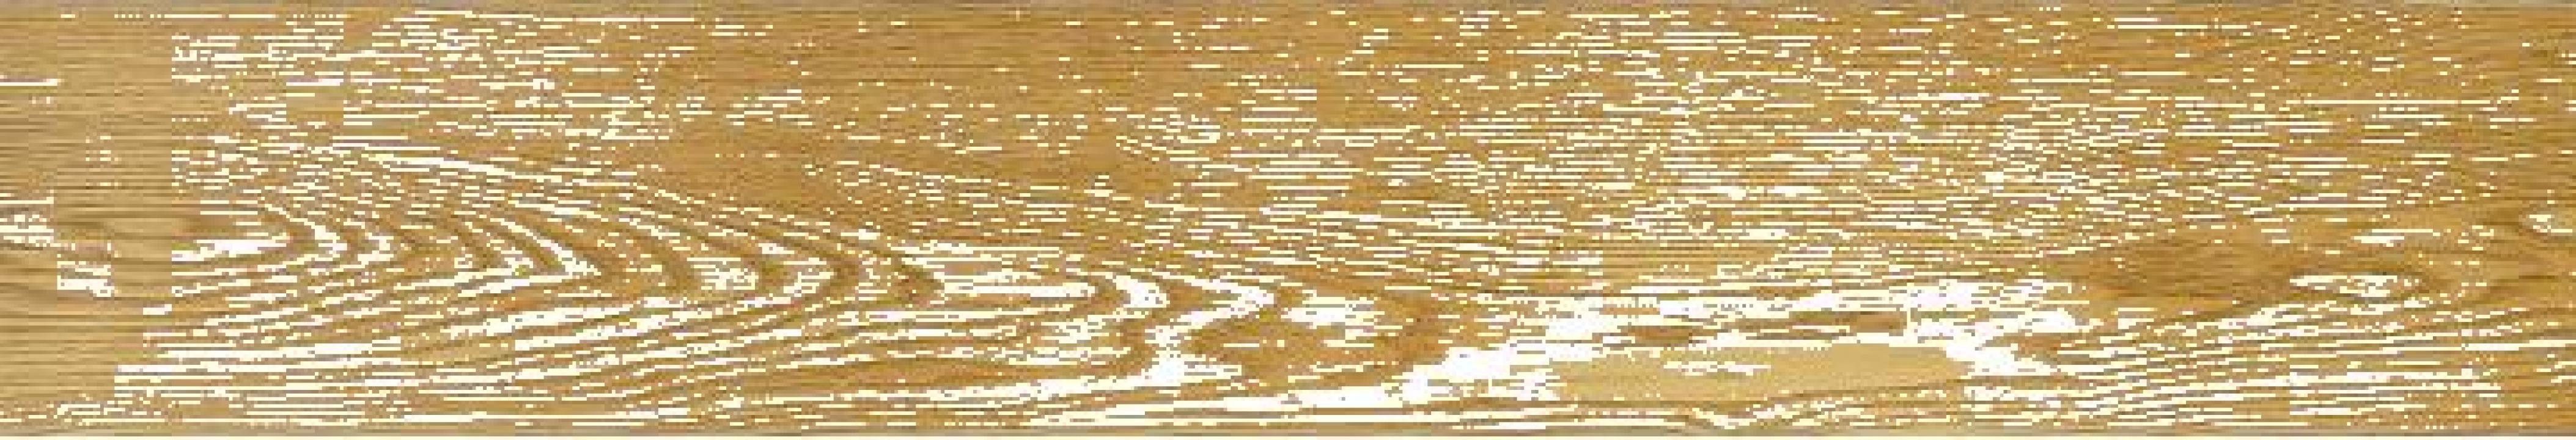 Placi linoleum Plank PVC autoadezive 152 x 914 x 1.5mm